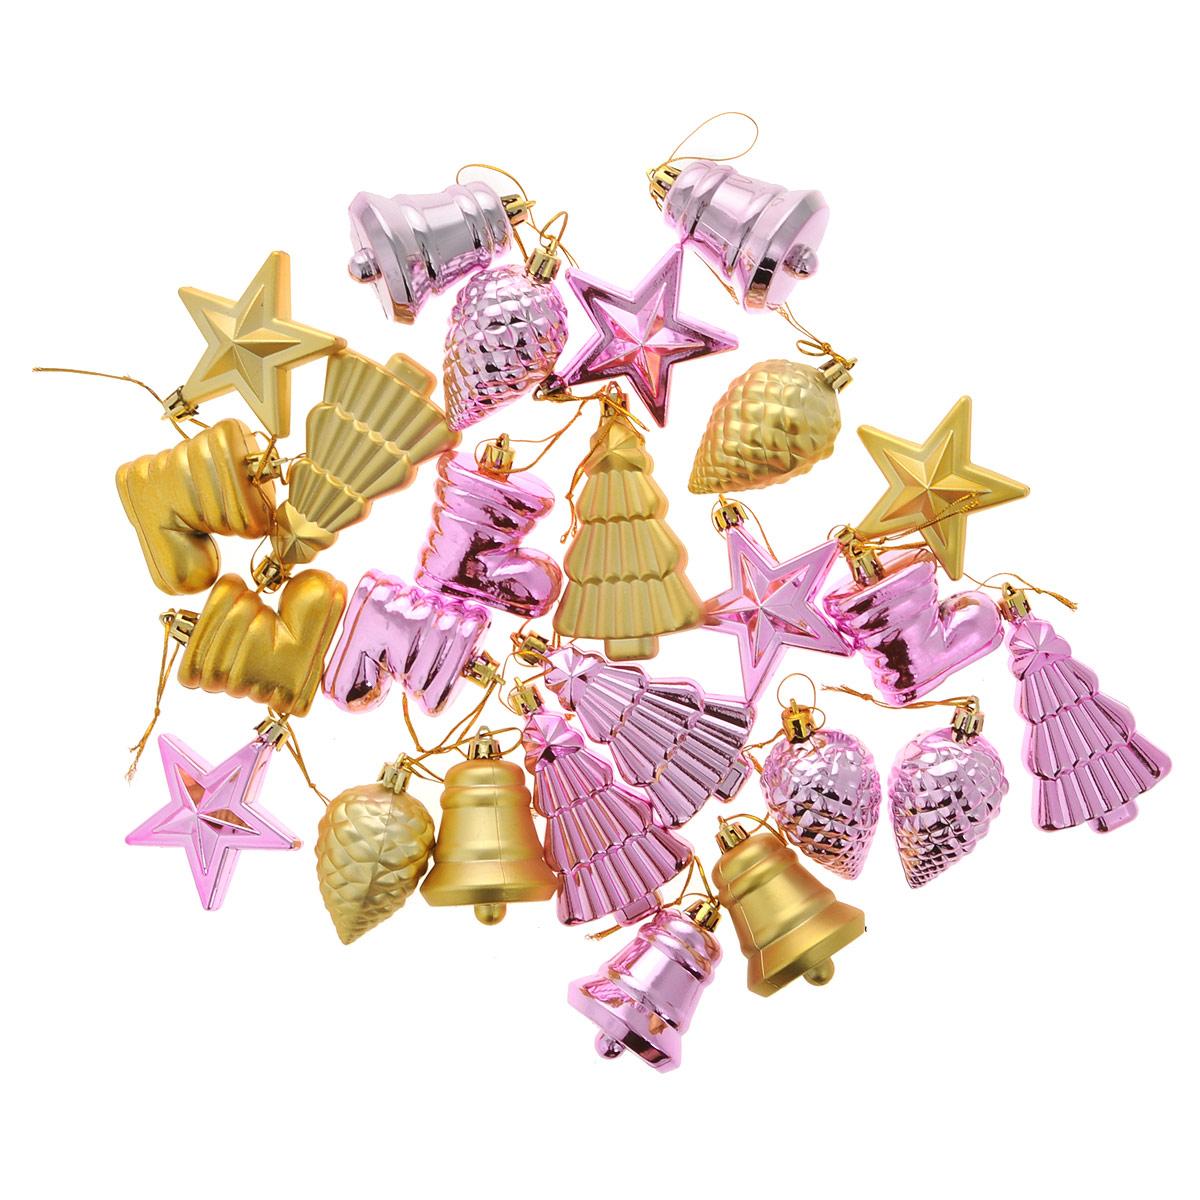 Набор новогодних украшений House & Holder, цвет: розовый, золотистый, 25 шт97775318Набор House & Holder состоит из 25 новогодних подвесных украшений. Изделия выполнены из пластика в виде звездочек, шишек, елочек, колокольчиков, башмачков. Игрушки оснащены специальными петельками, с помощью которых подвешиваются на елку. Набор House & Holder поможет красиво оформить новогоднюю елку и создаст атмосферу праздника в вашем доме.